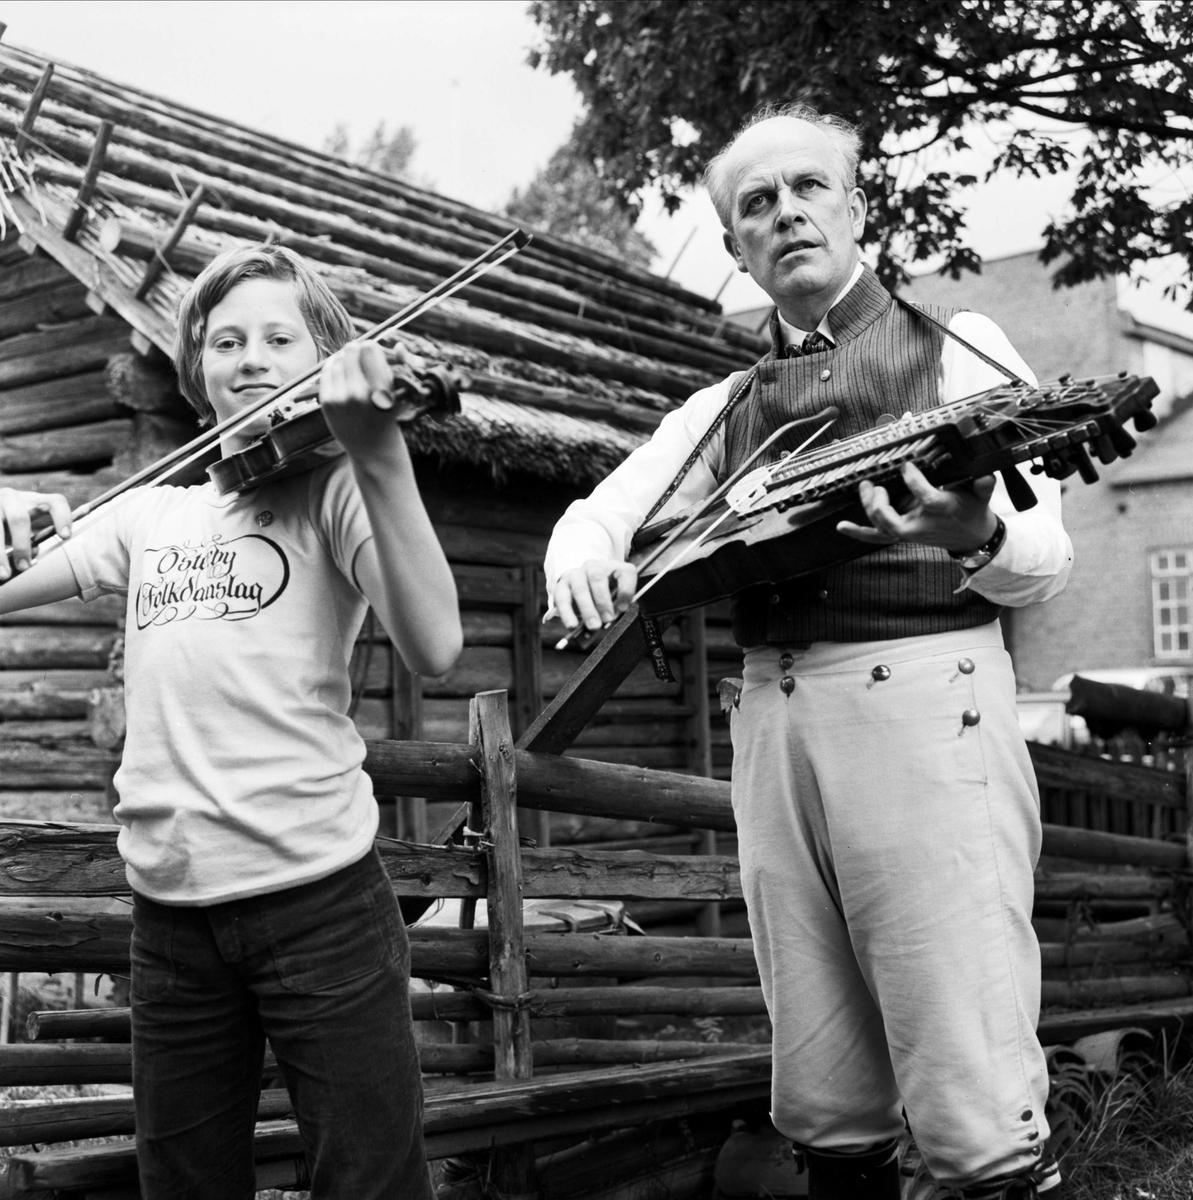 Spelmannen Lars Erik Jansson och Sven Ahlbäck på Upplandsschottisen, Tierpstrakten, Uppland juni 1973